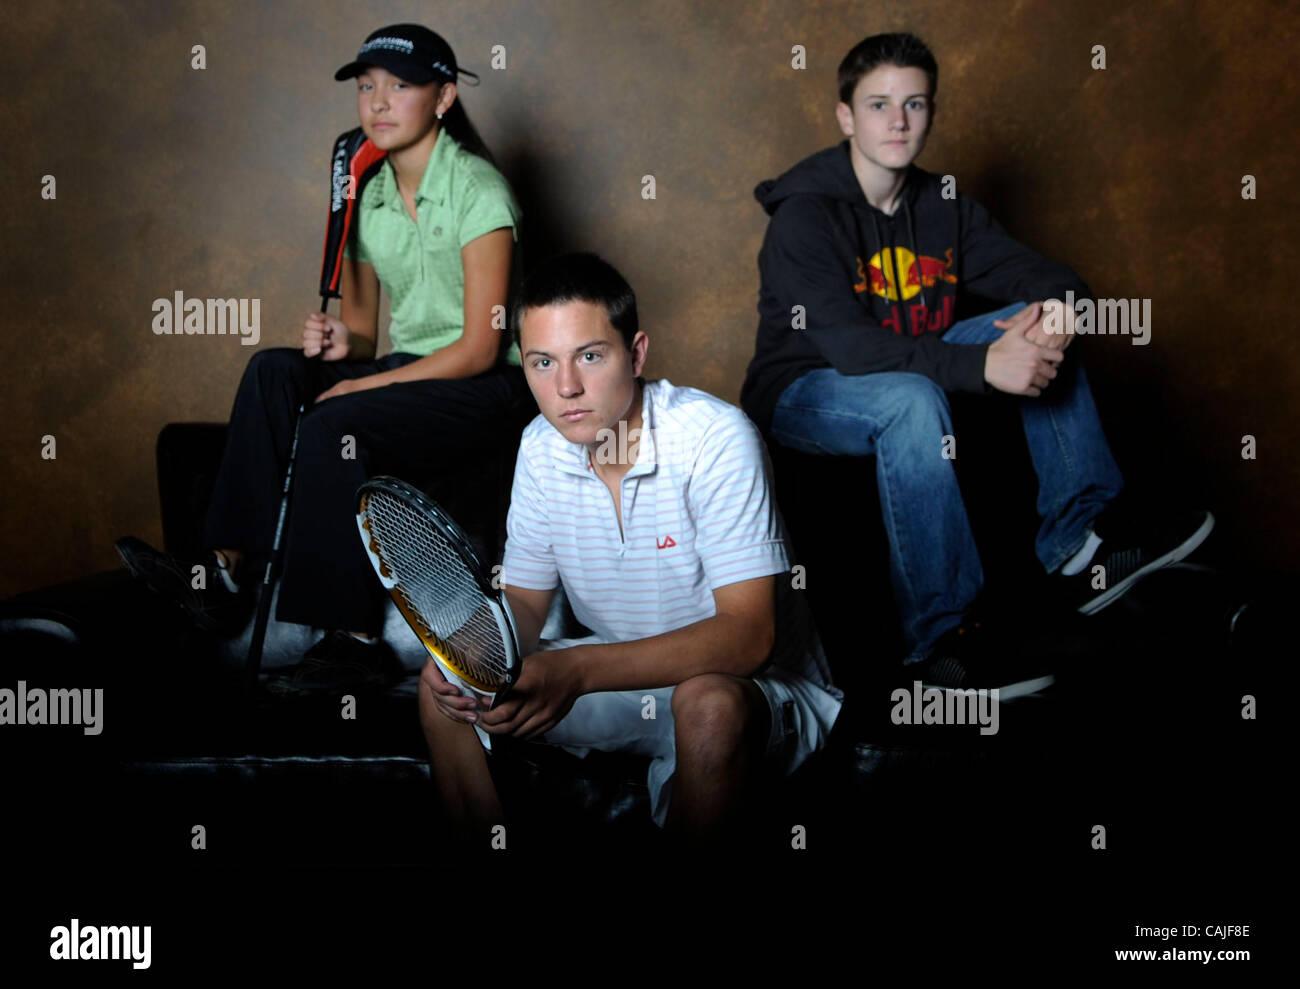 Ashley Noda (sinistra) un giovane giocatore di golf che può essere guidato in modo piuttosto una carriera, Immagini Stock